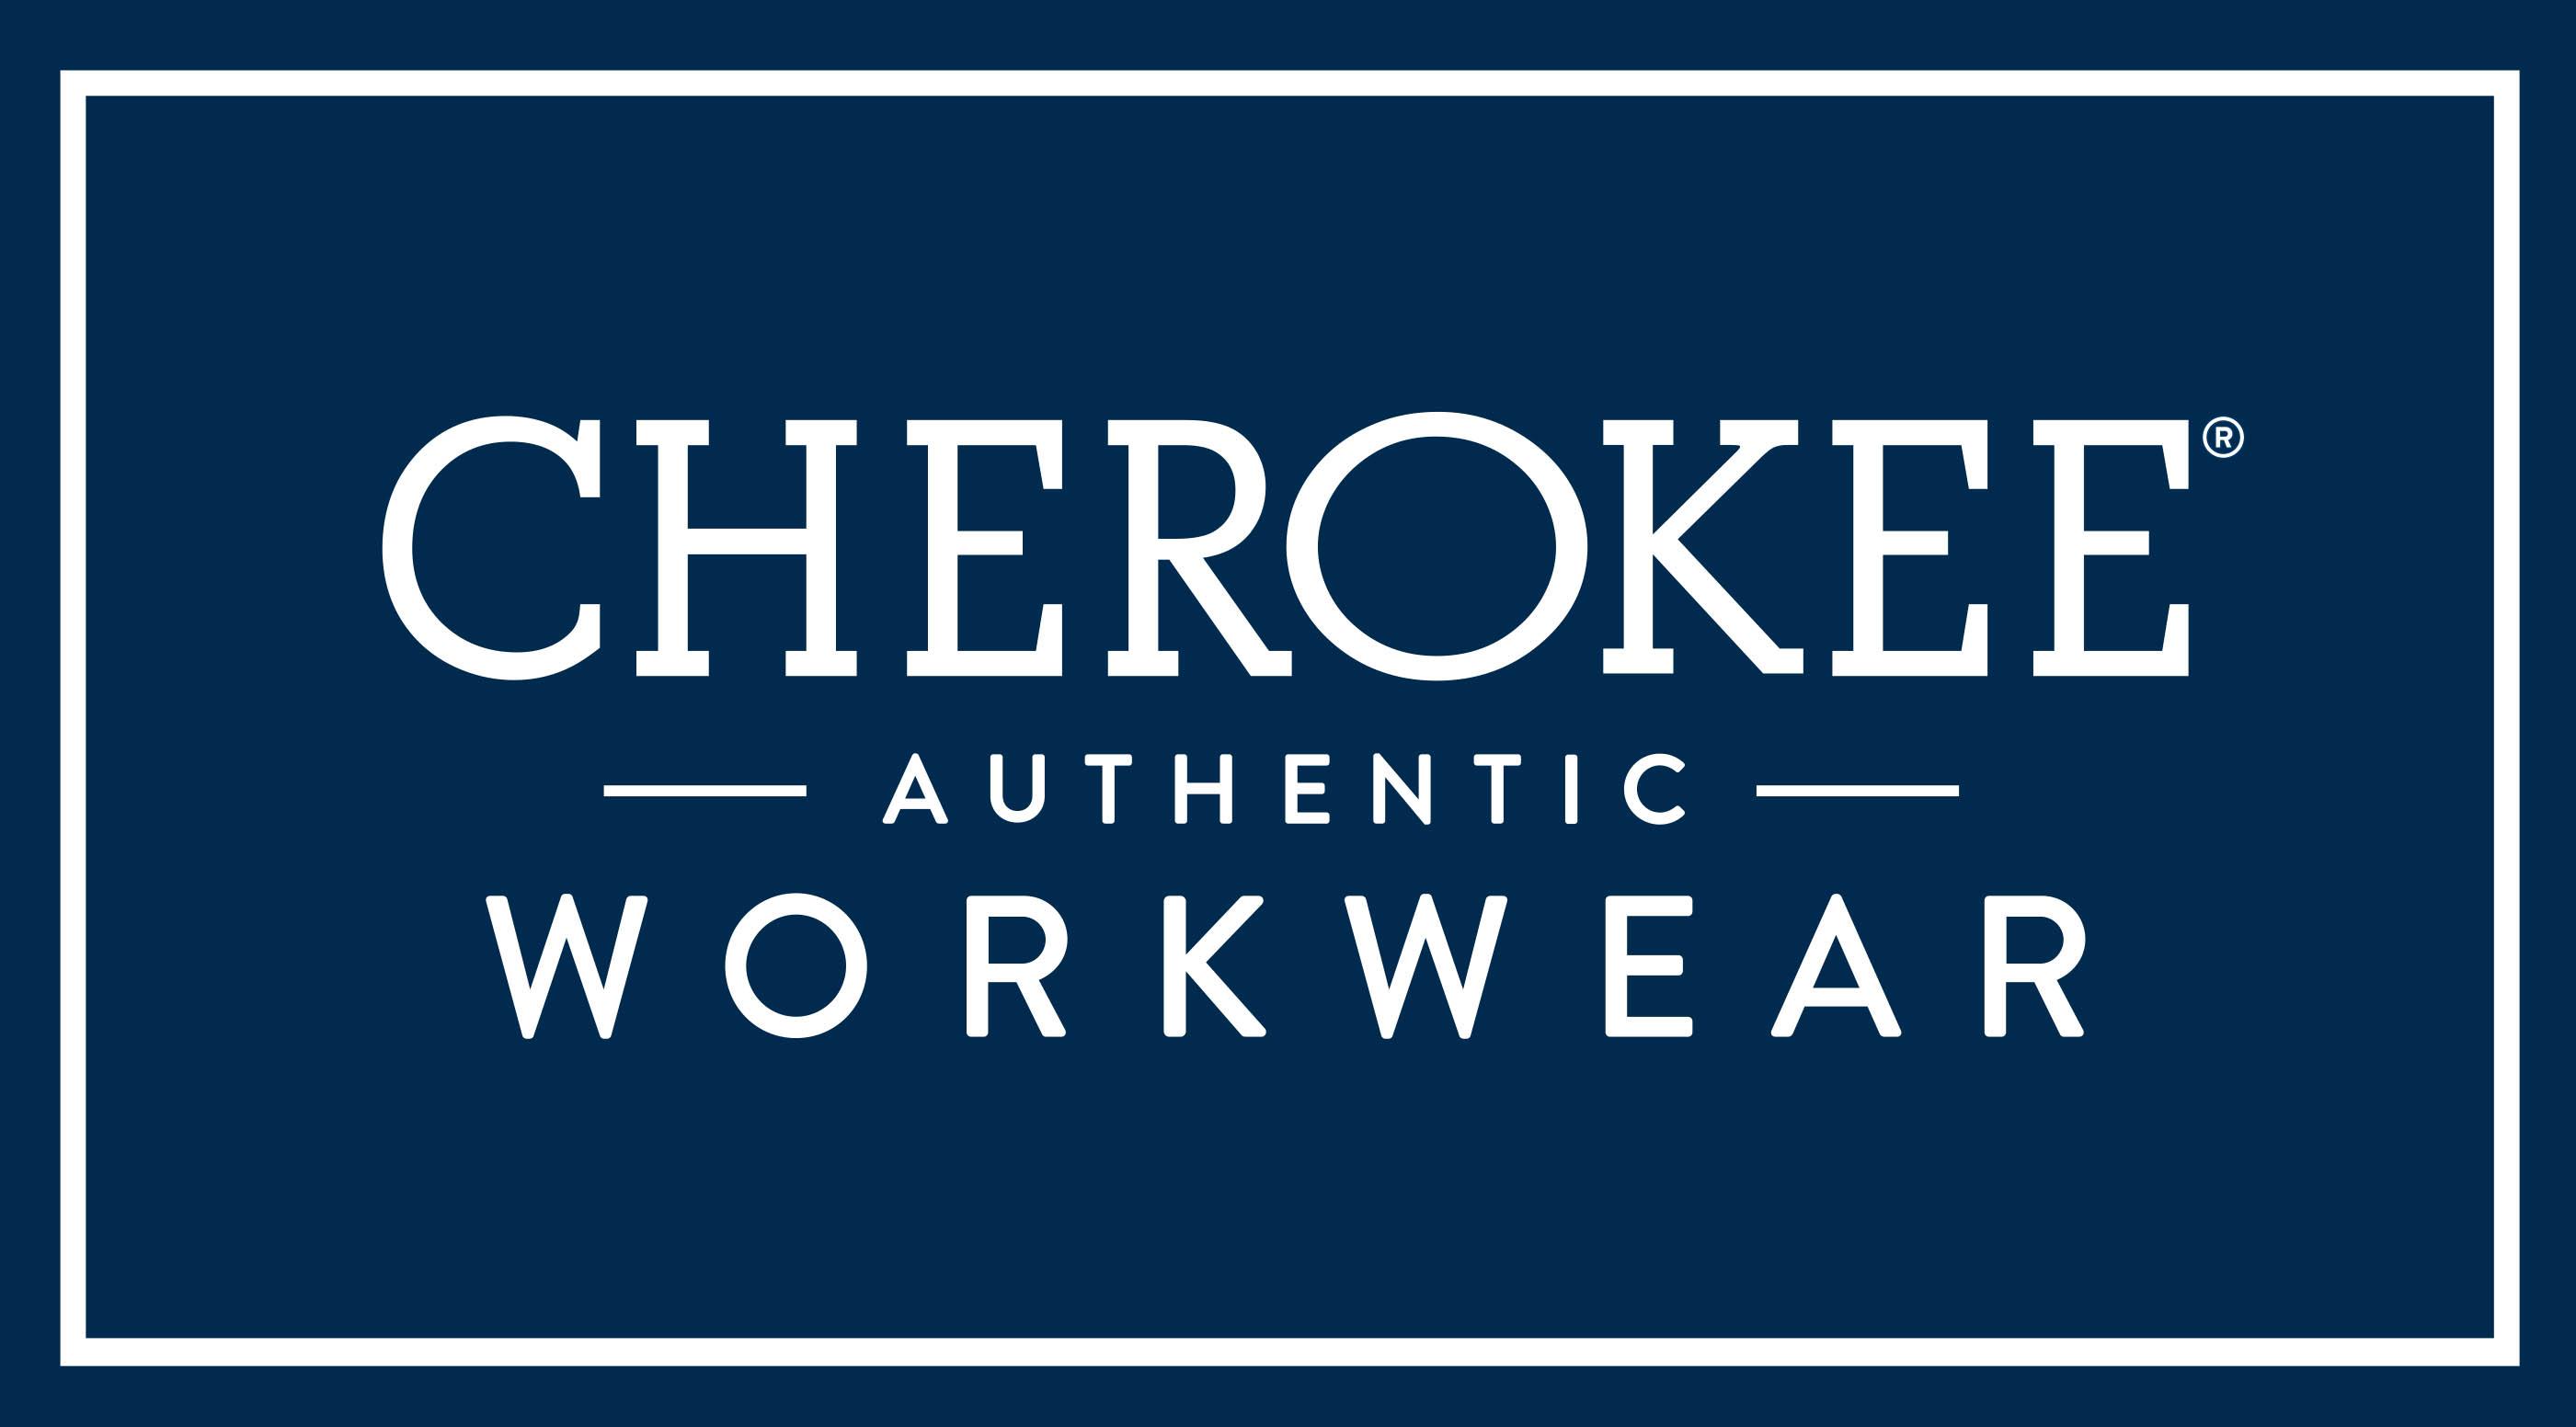 cherokee-workwear-logo.jpg